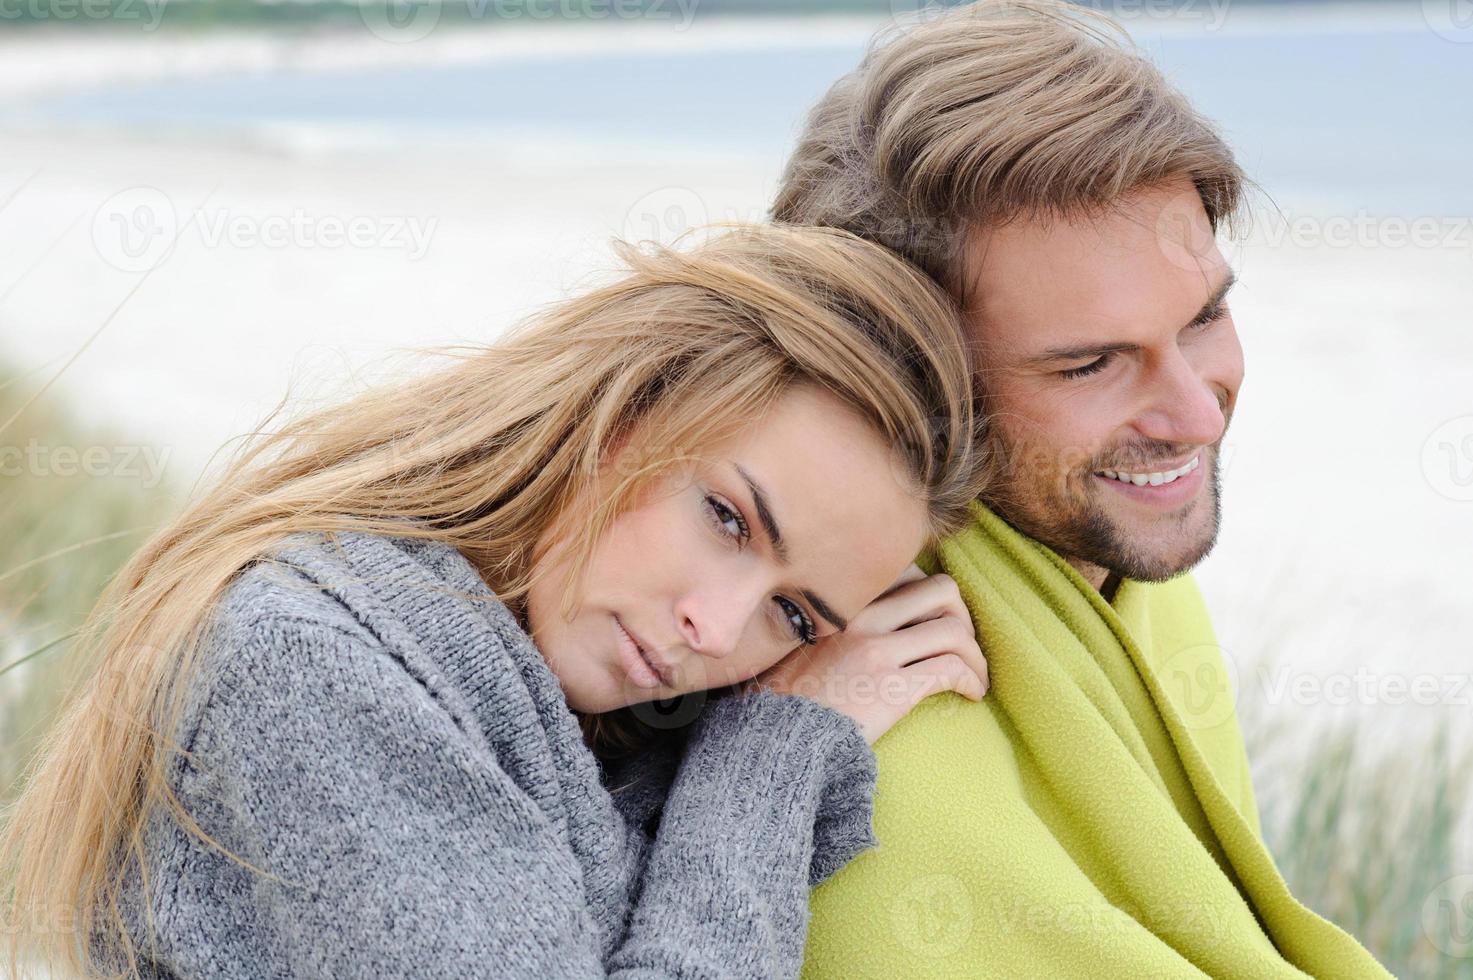 coppia abbracciati in spiaggia, mare autunnale, erba di mare foto